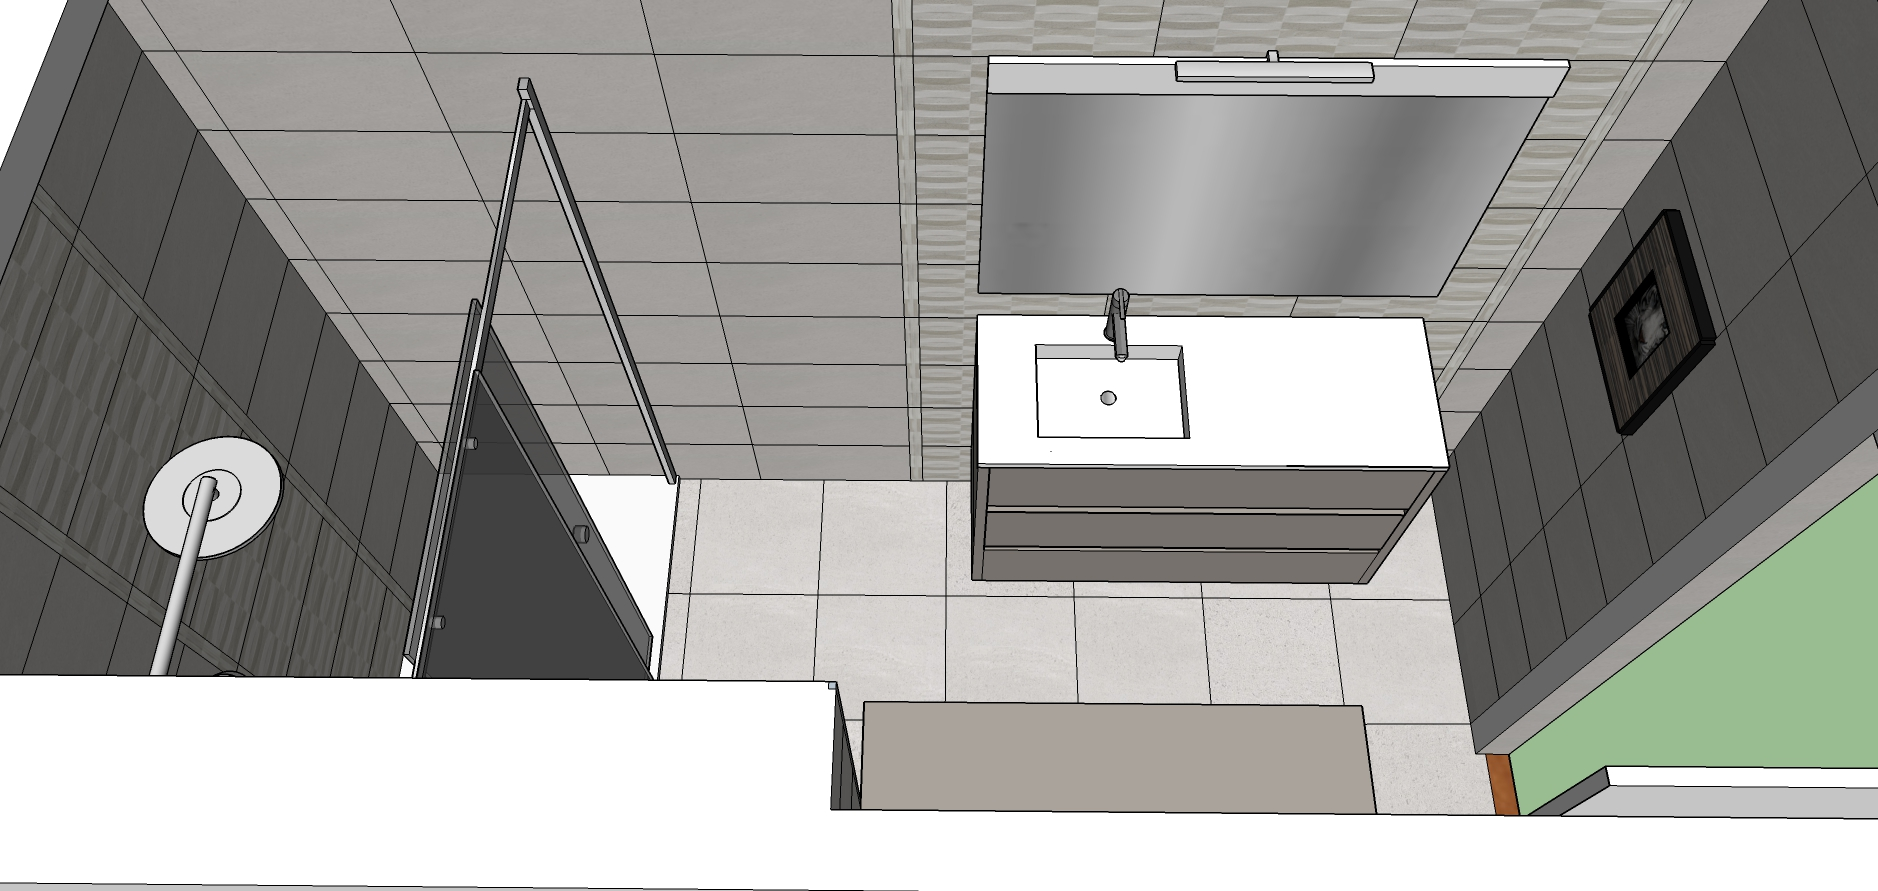 Proyecto 3D-Reforma integral-reforma-coruña-cambio bañera por plato de ducha-contratista-empresa-de-reformas-renueve su casa-reforma baño-reforma cocina-cocinas express_1